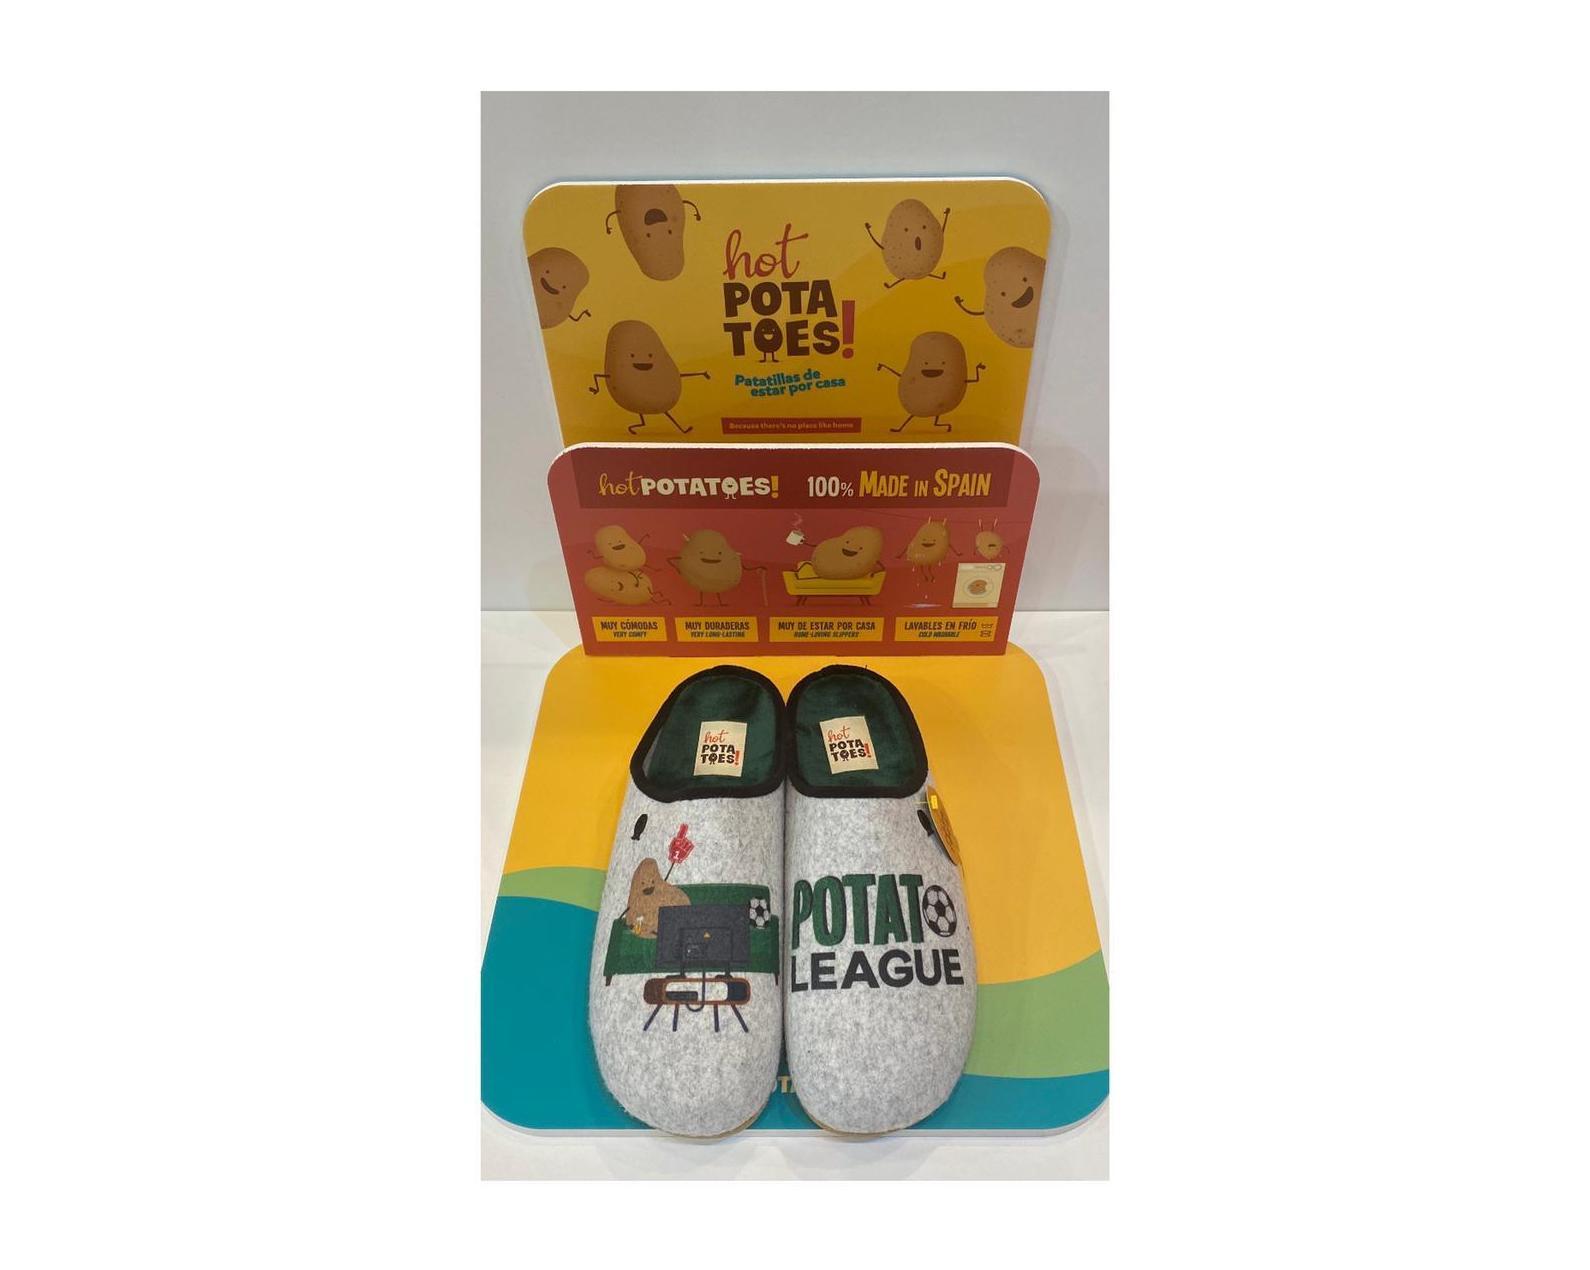 Espardenyas d'home, de la marca Hot Potatoes, amb plantilla extraible de làtex 29.95€